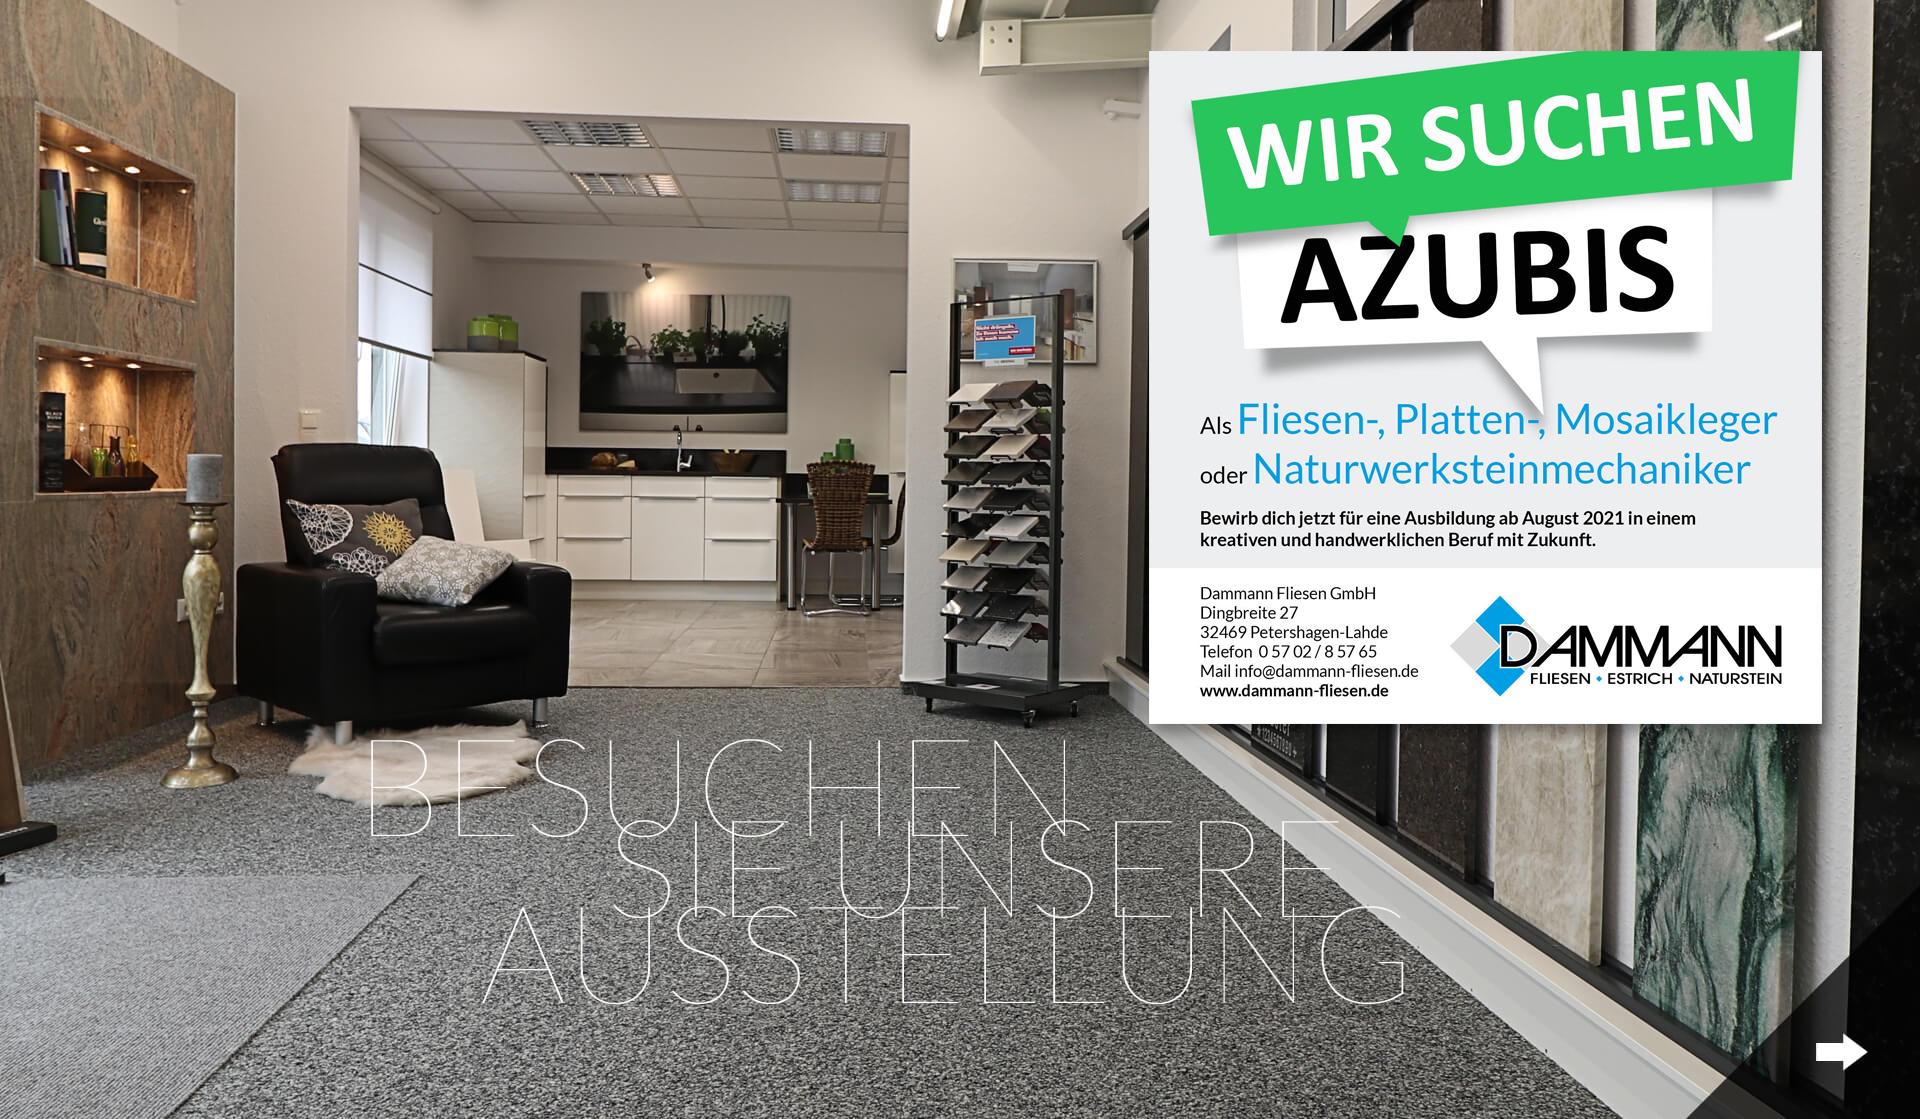 Dammann Fliesen GmbH Minden Petershagen